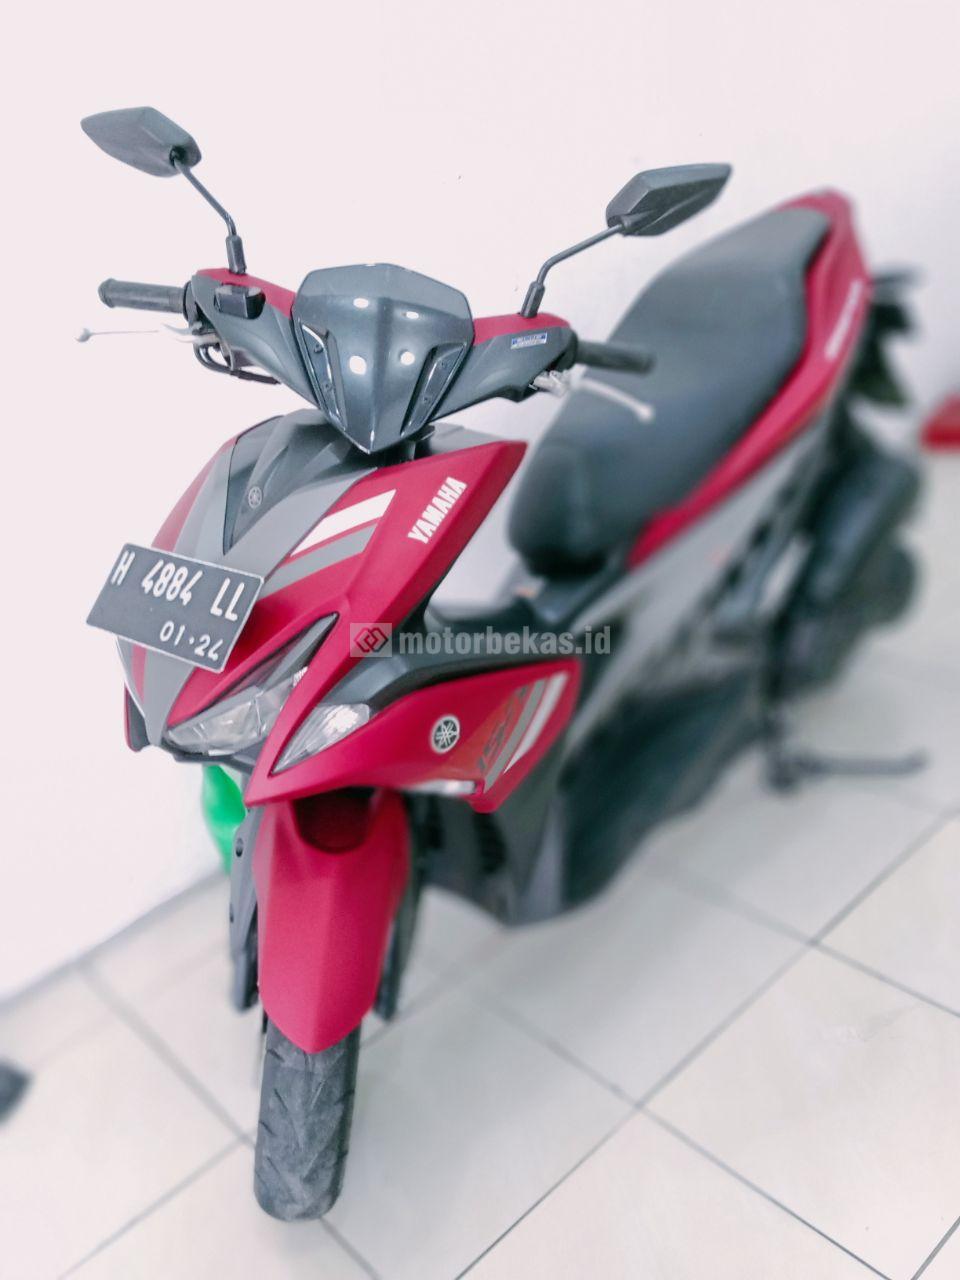 YAMAHA AEROX 155 FI 1748 motorbekas.id